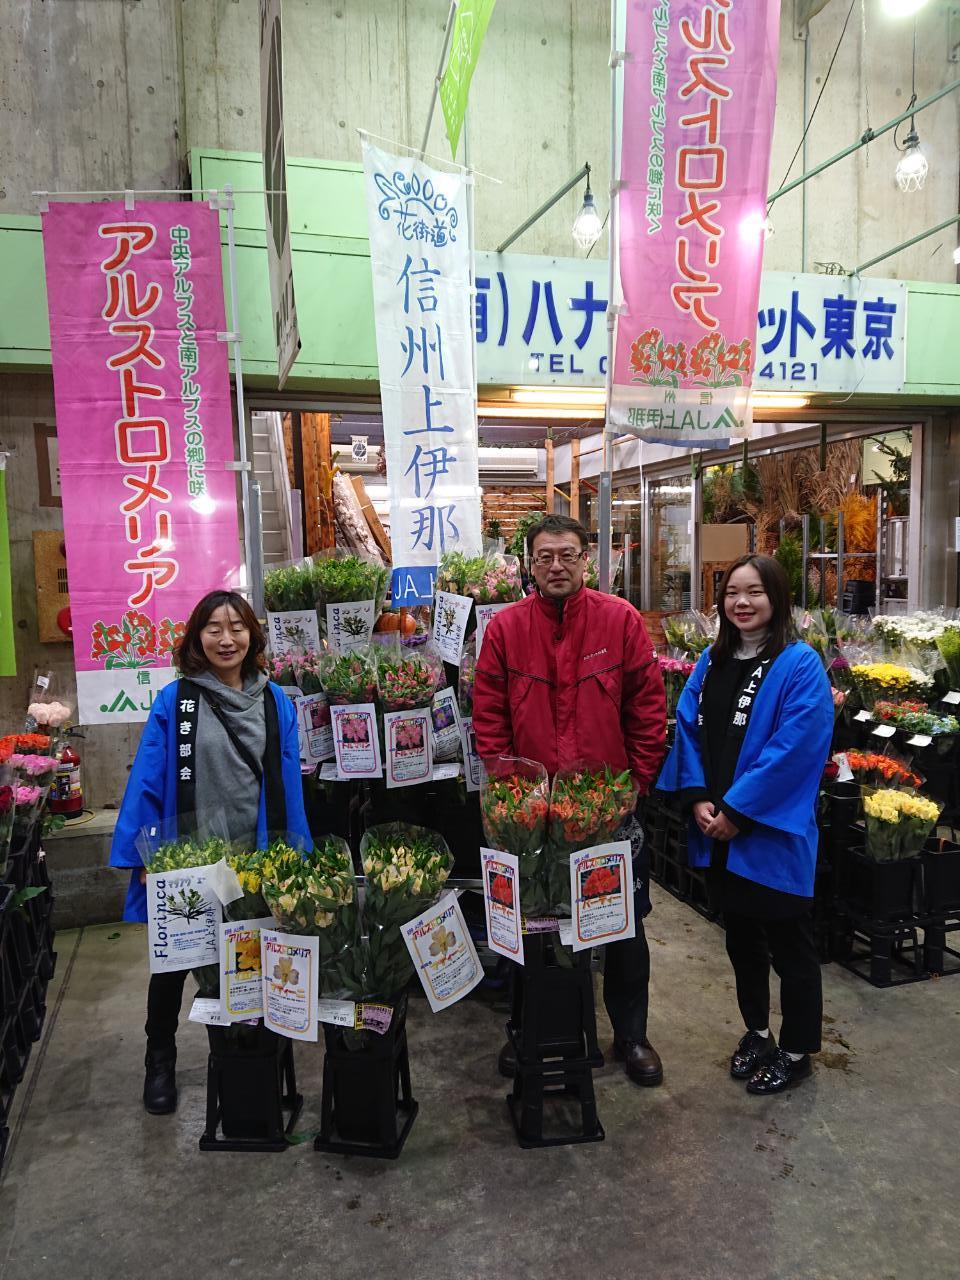 アルストロメリアフェア in ハナ・マーケット東京さま_d0062298_07525830.jpg